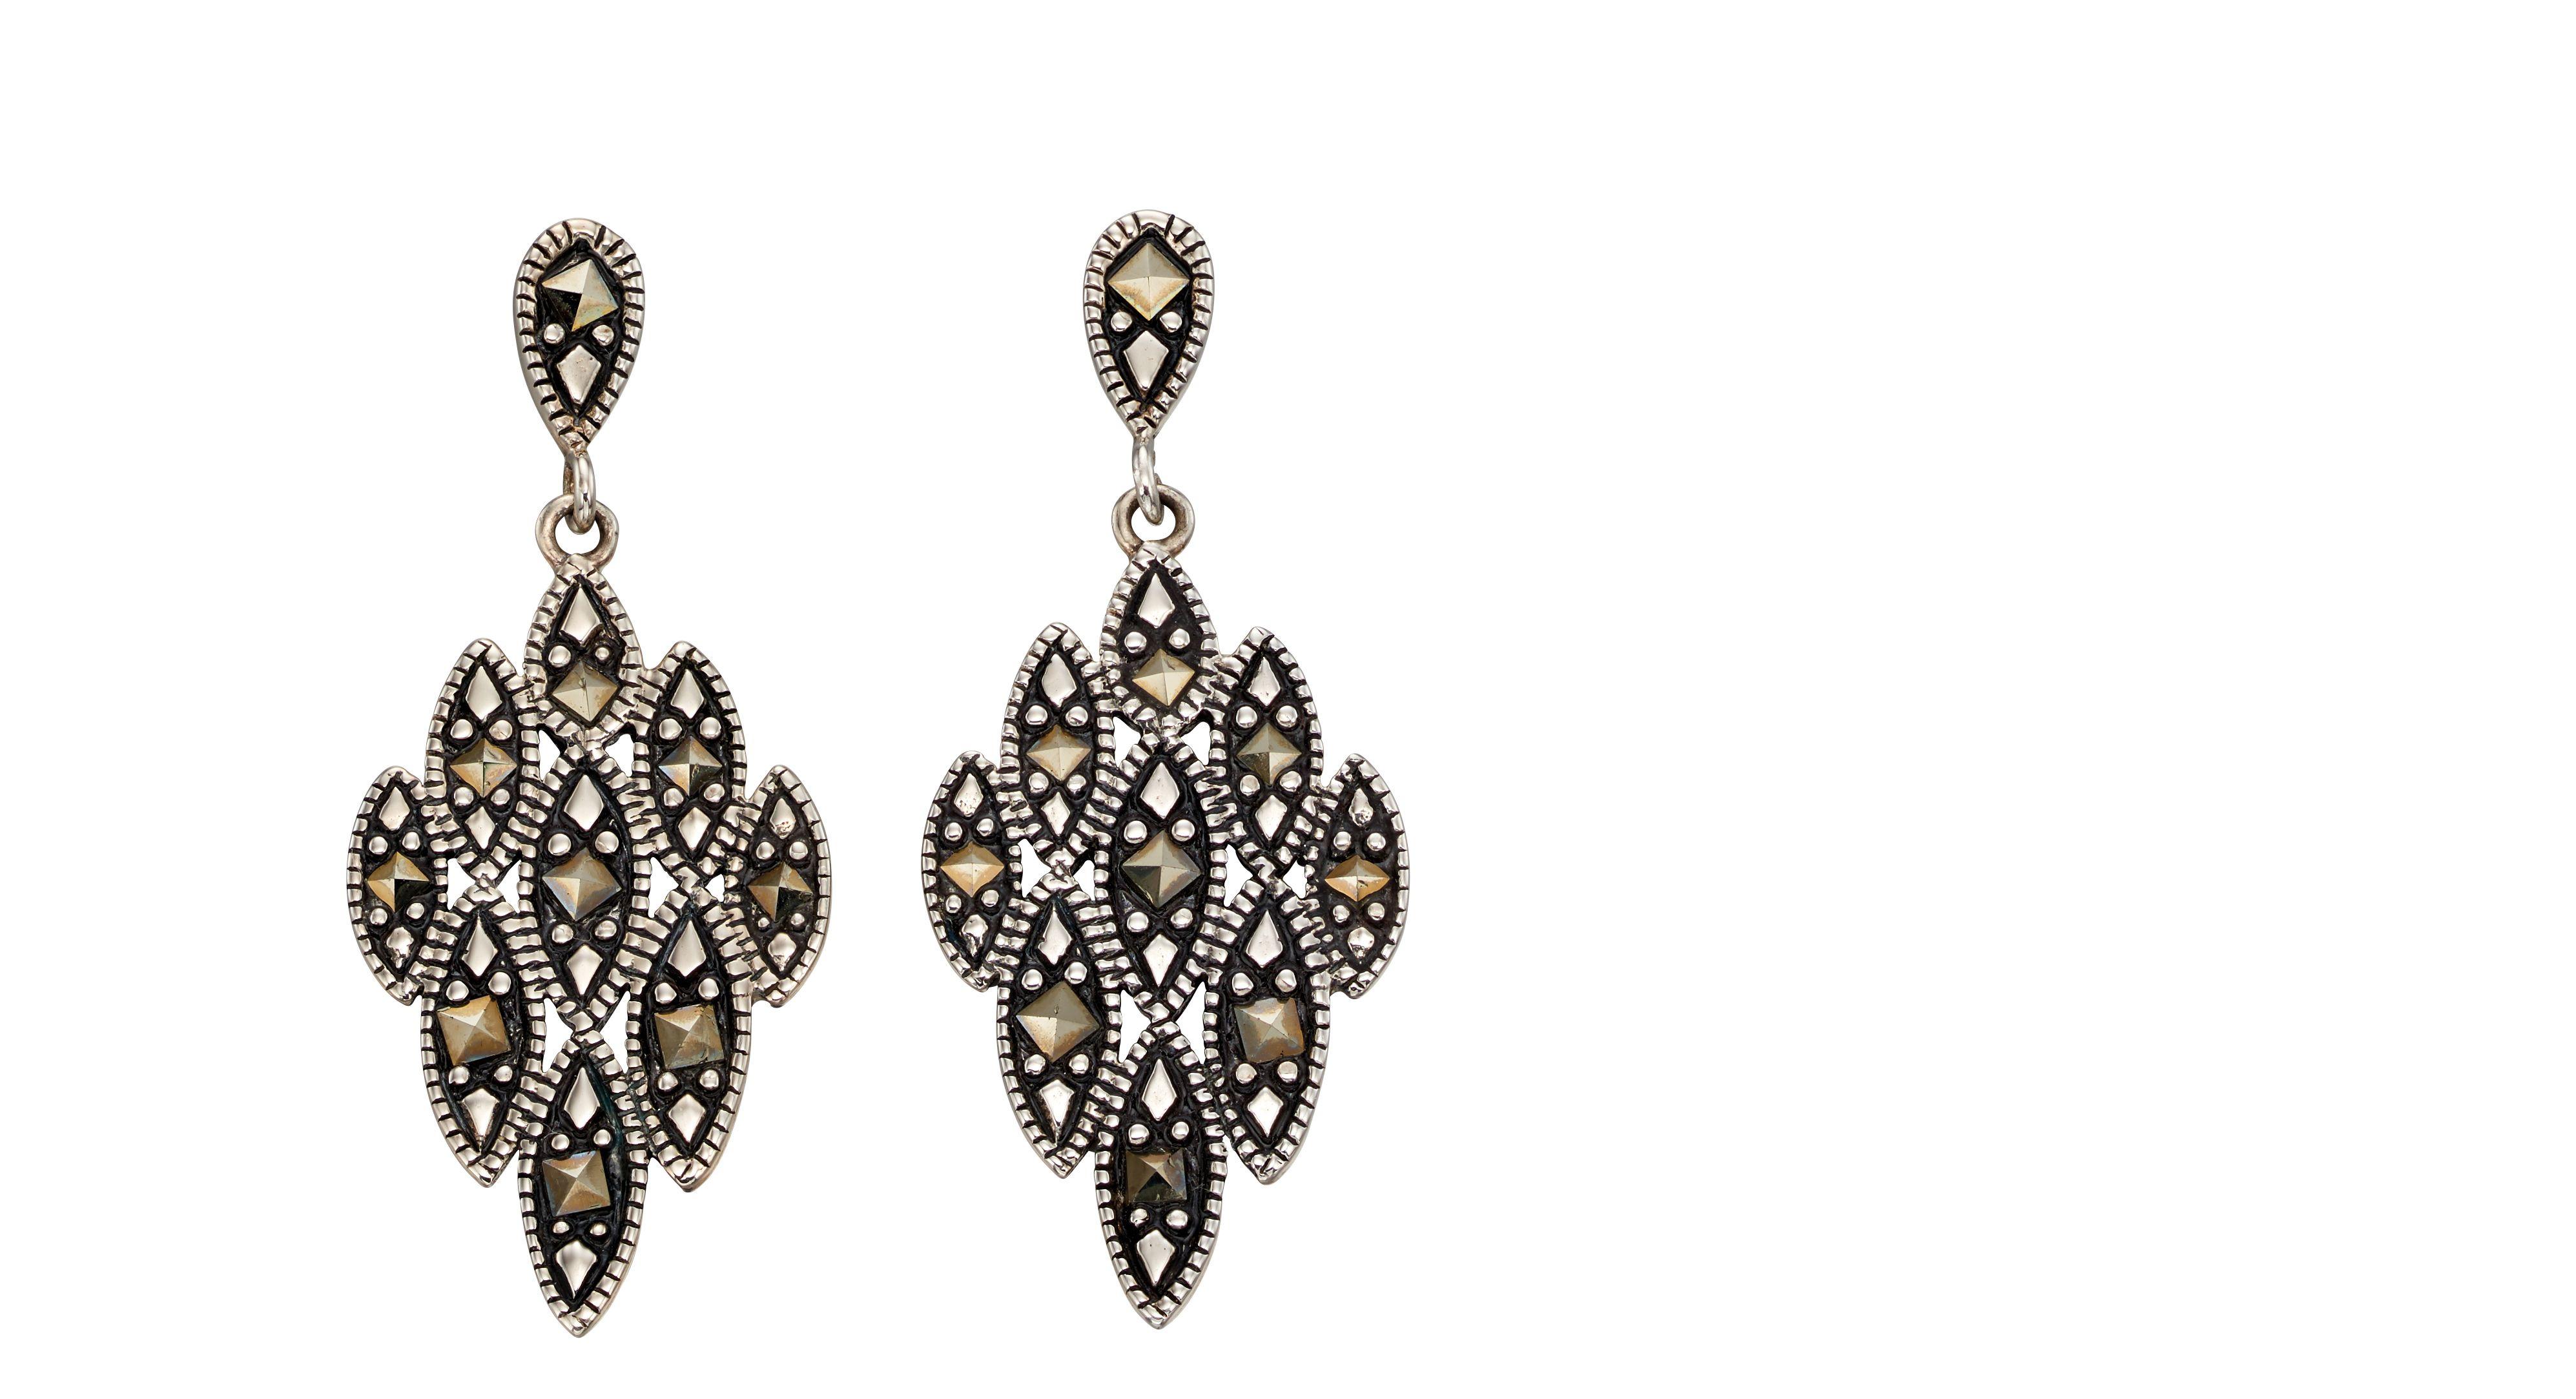 Elements Silver Womens 925 Sterling Silver Grey Marcasite Chandelier Statement Dangle Earrings E5486